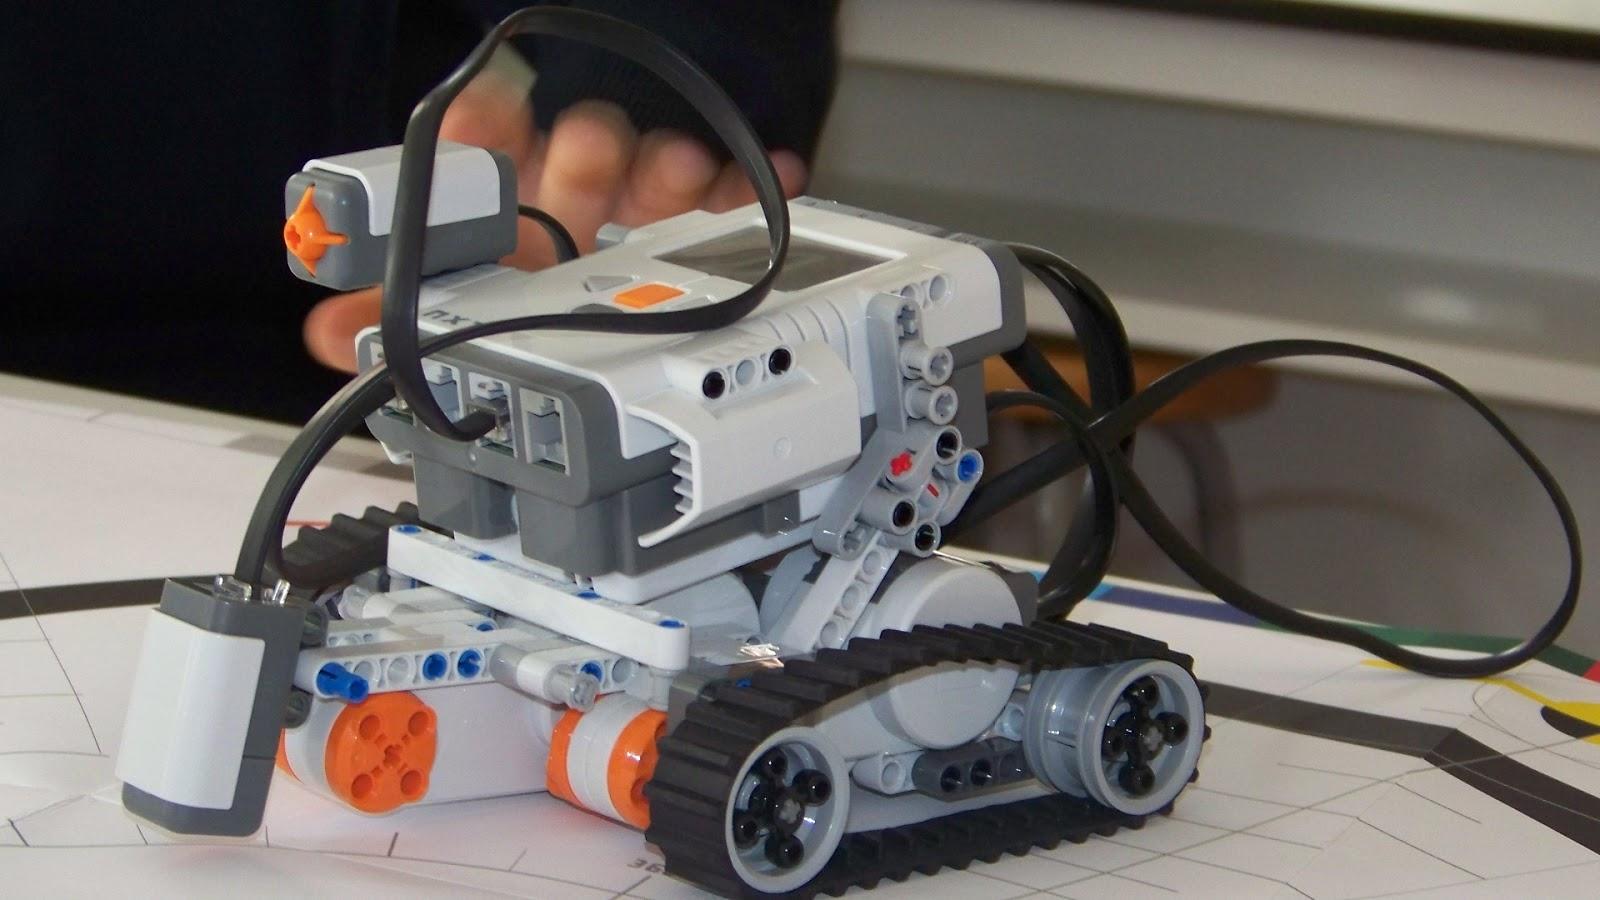 Aprendiendo Tecnología en La Merced: febrero 2013